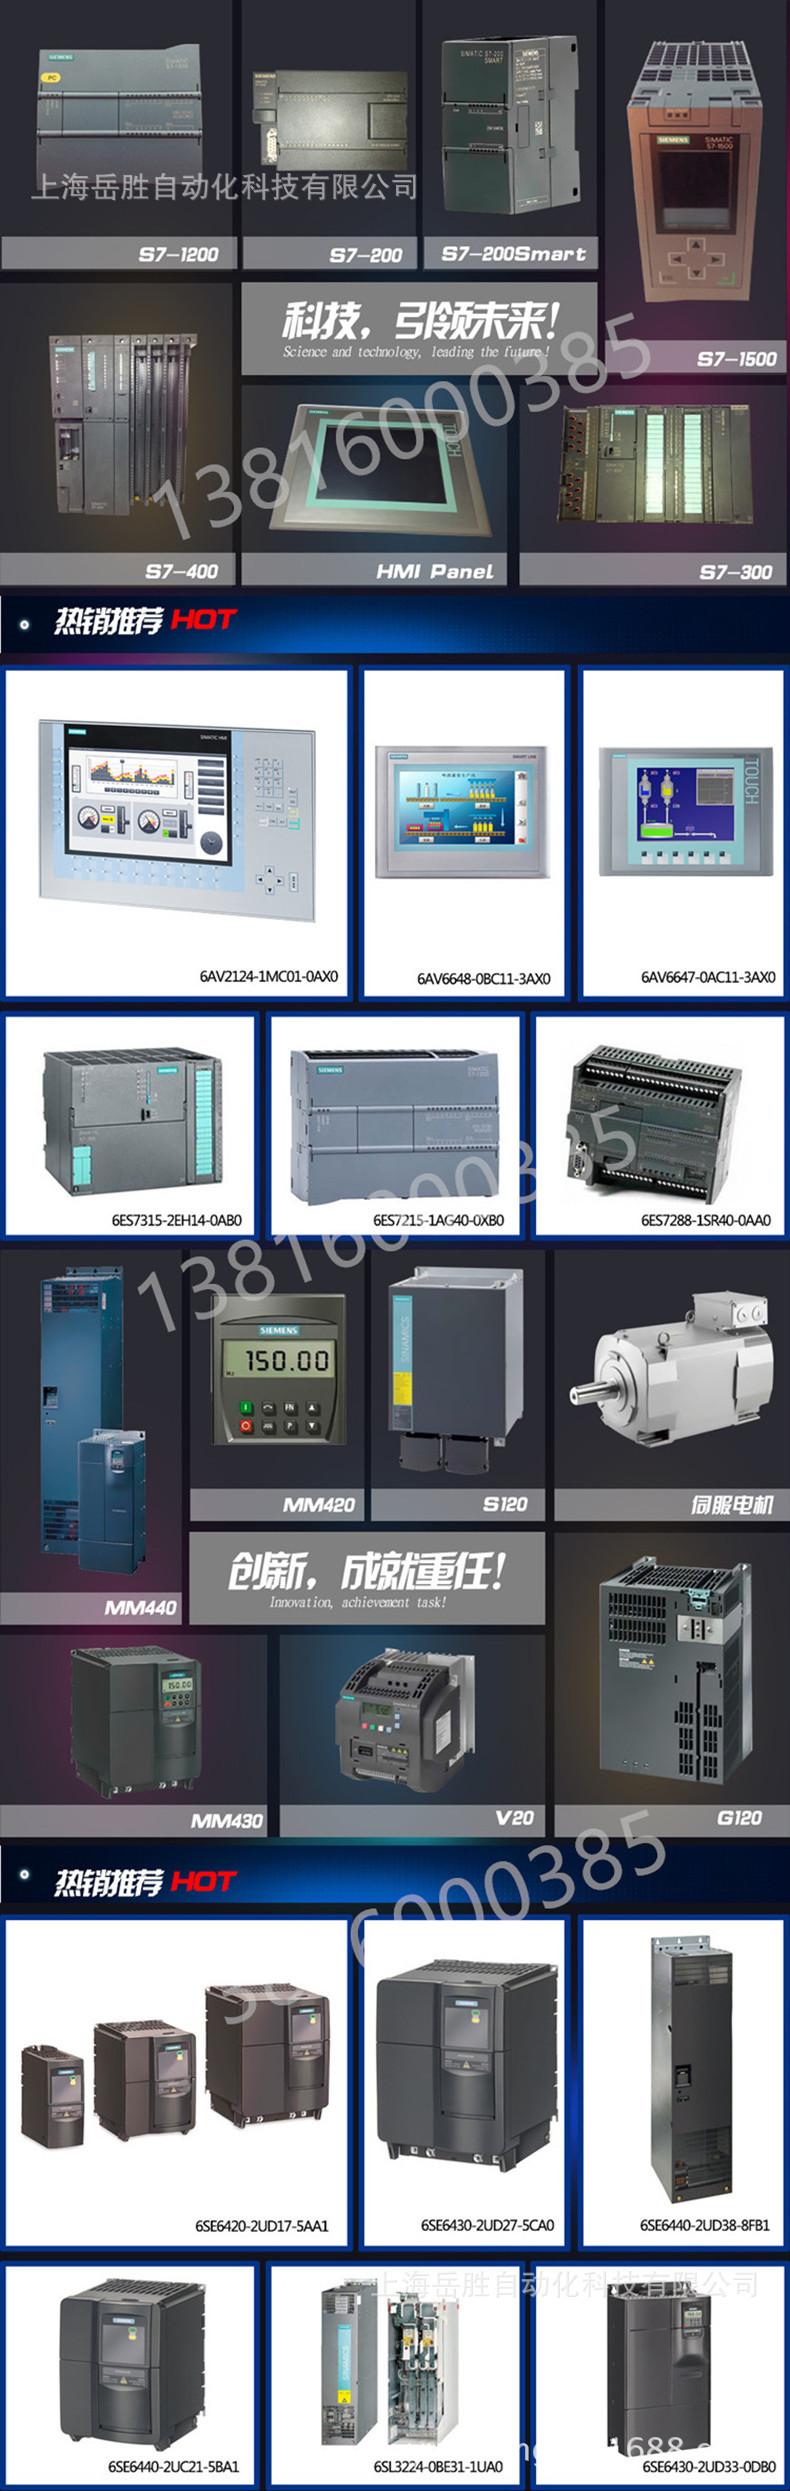 6AV6643-0CD01-1AX1西门子MP277触摸屏10寸6AV6 643-OCD01-1AX2示例图11